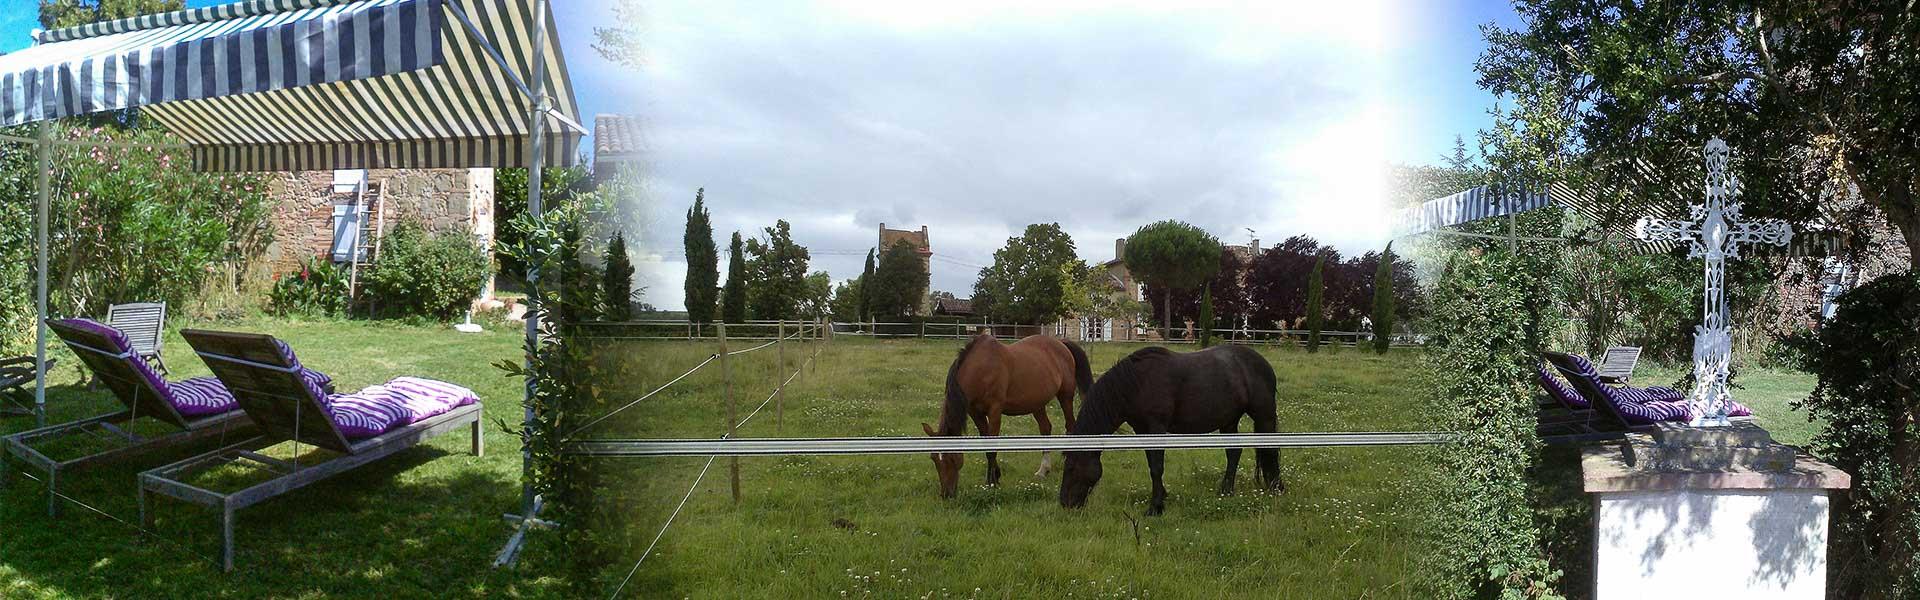 Bain de soleil, parc a chevaux et croix traditionnelle